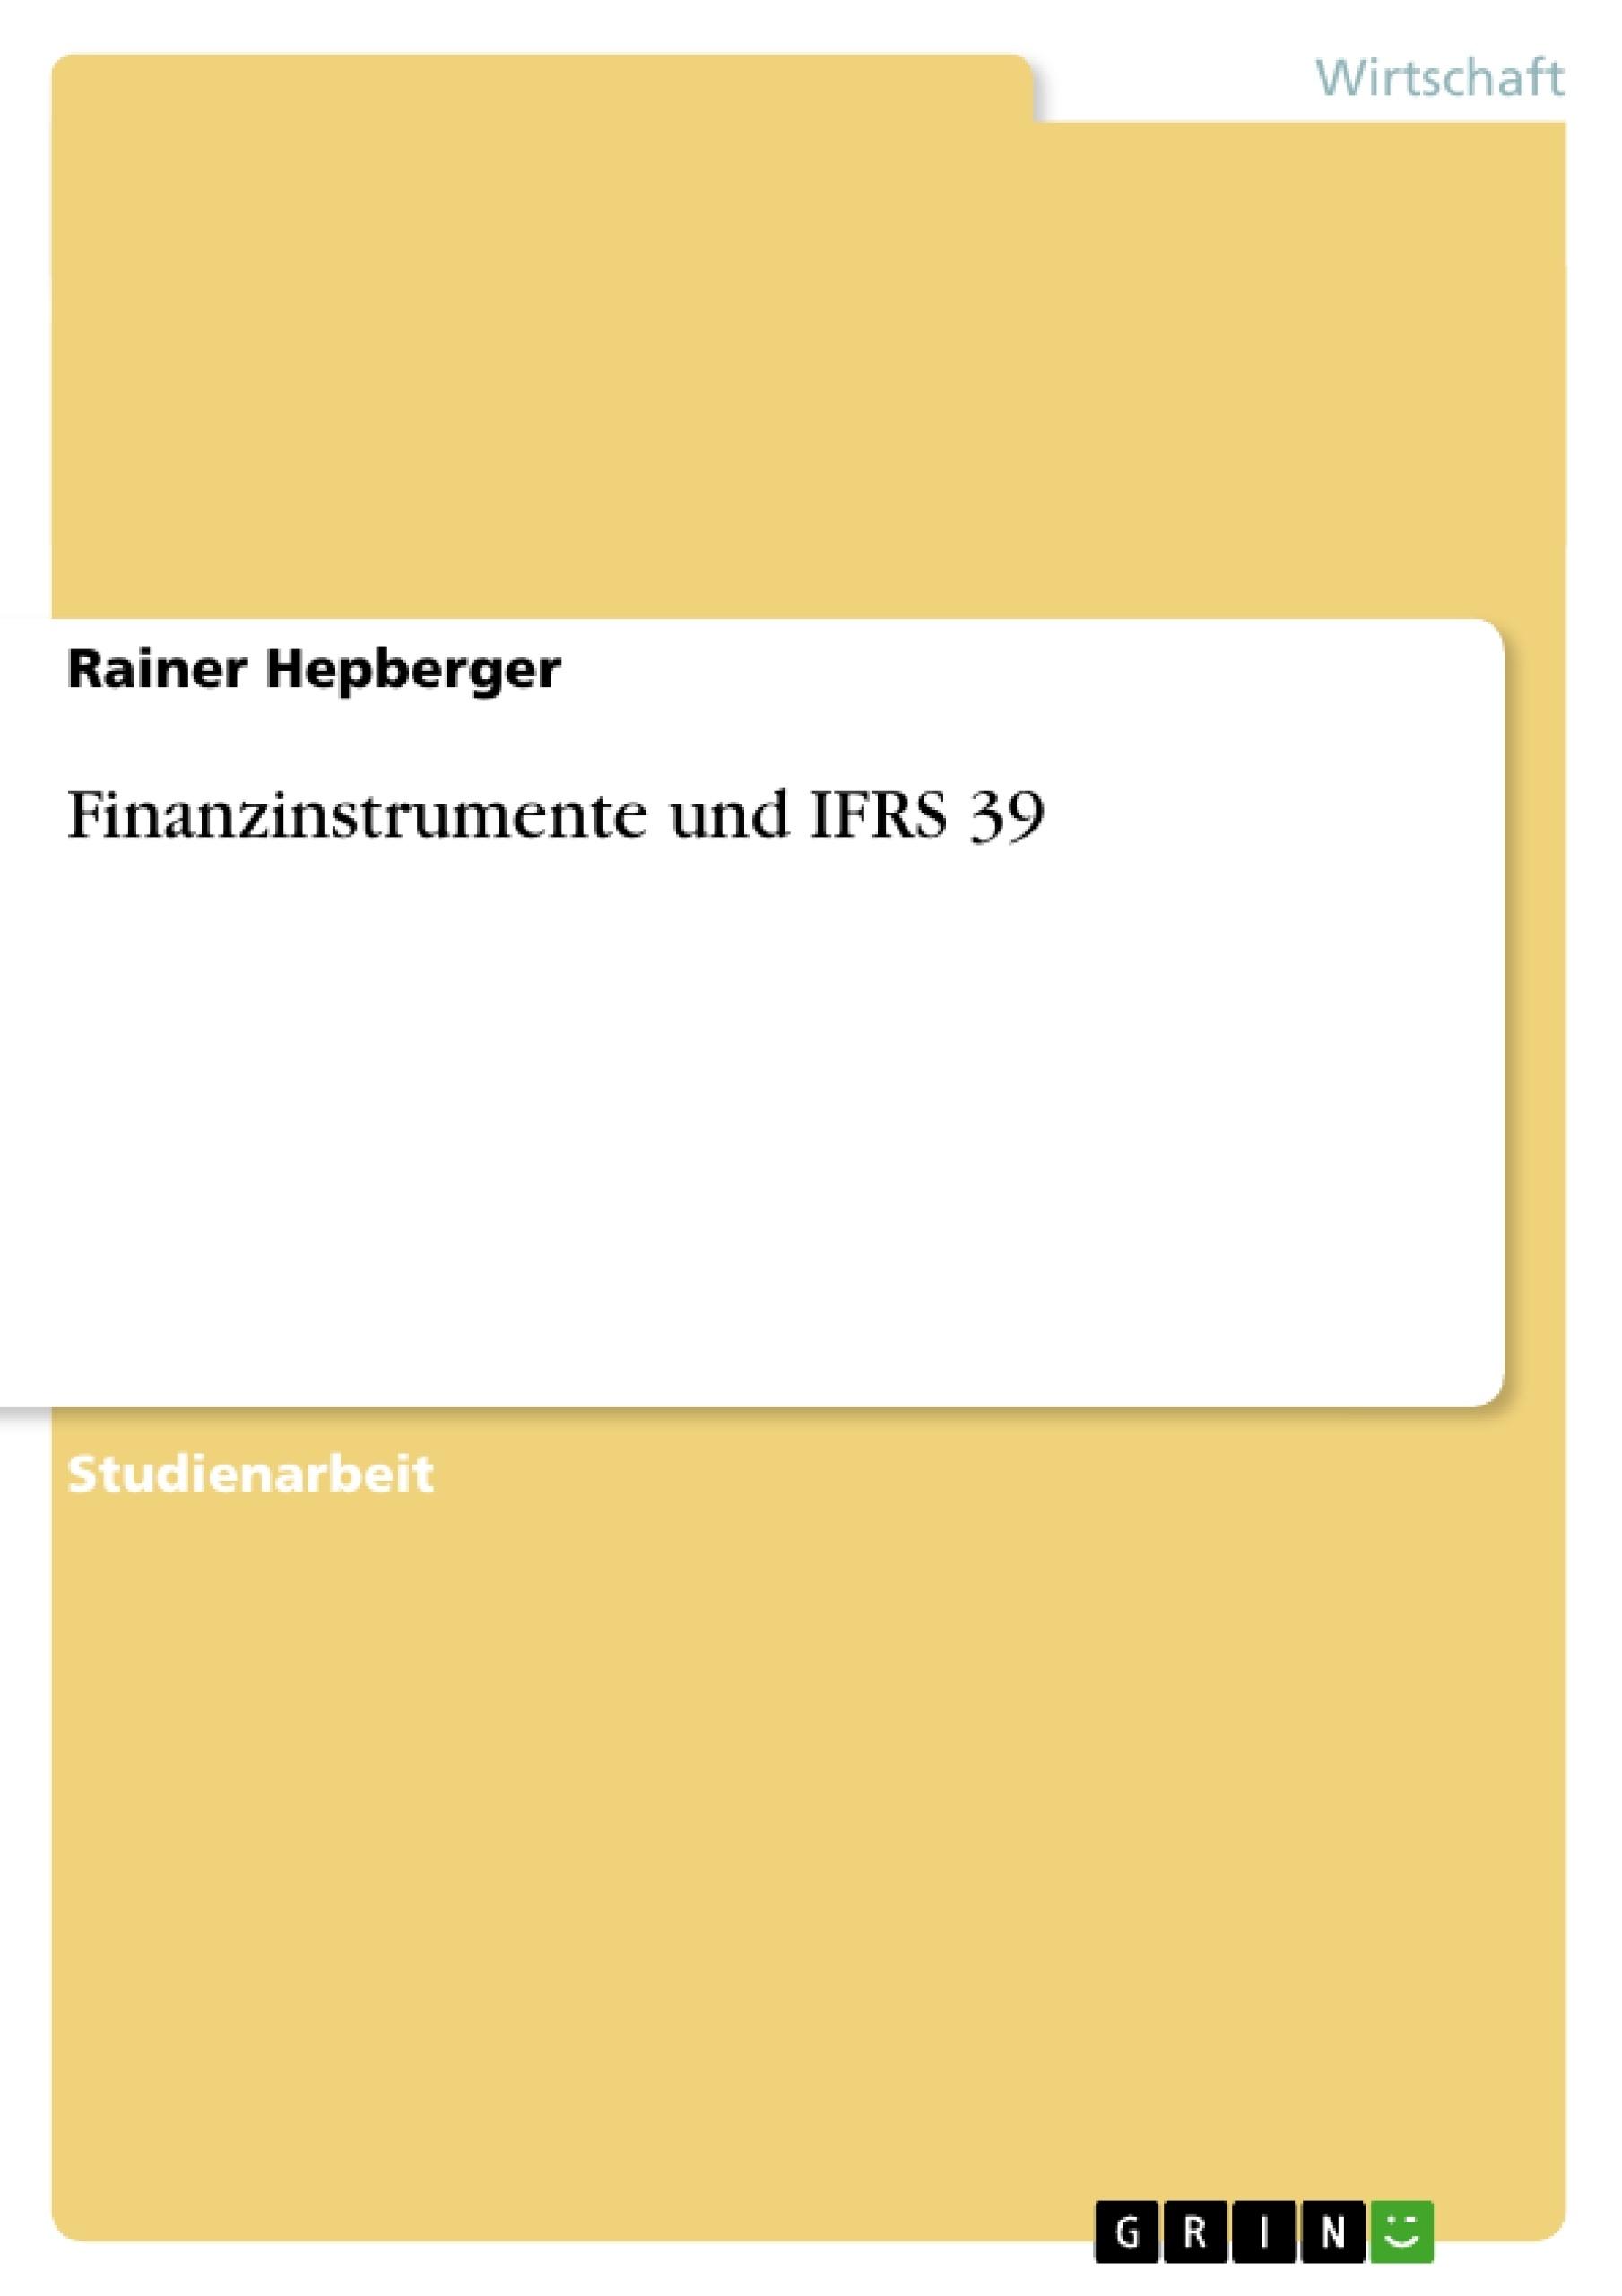 Titel: Finanzinstrumente und IFRS 39